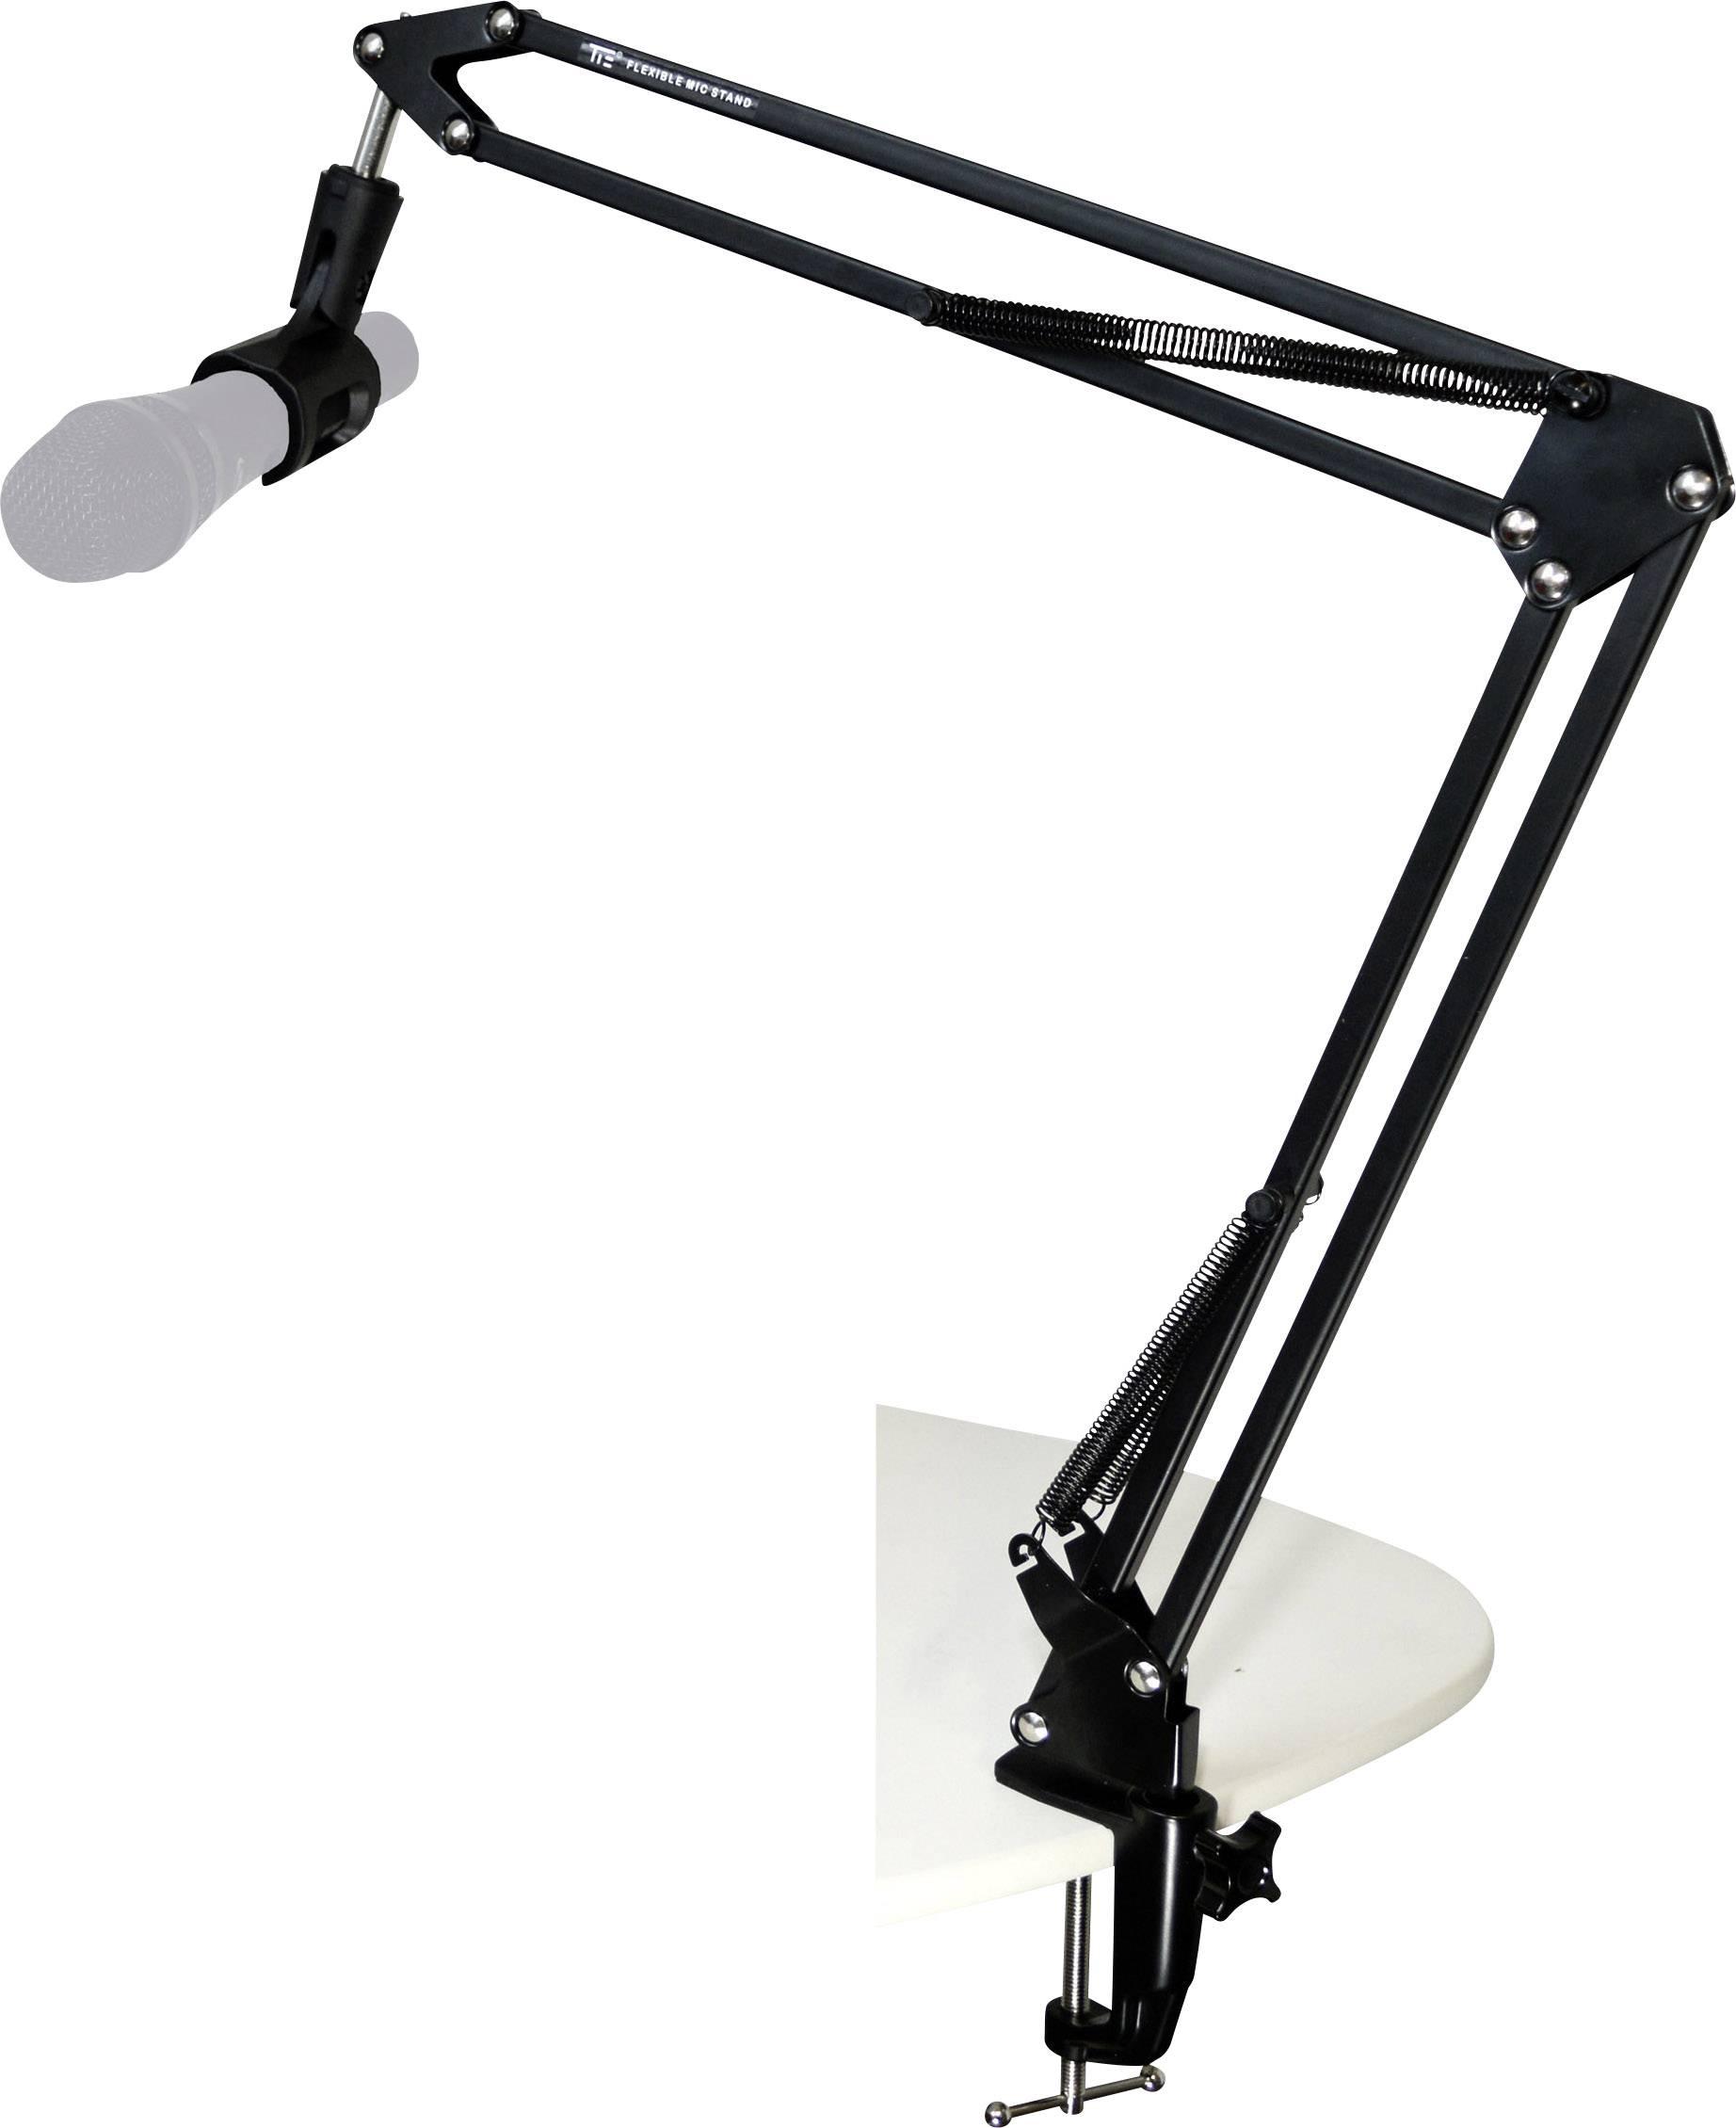 Flexibilné rameno na mikrofón Tie Studio 19-90007, 75 cm